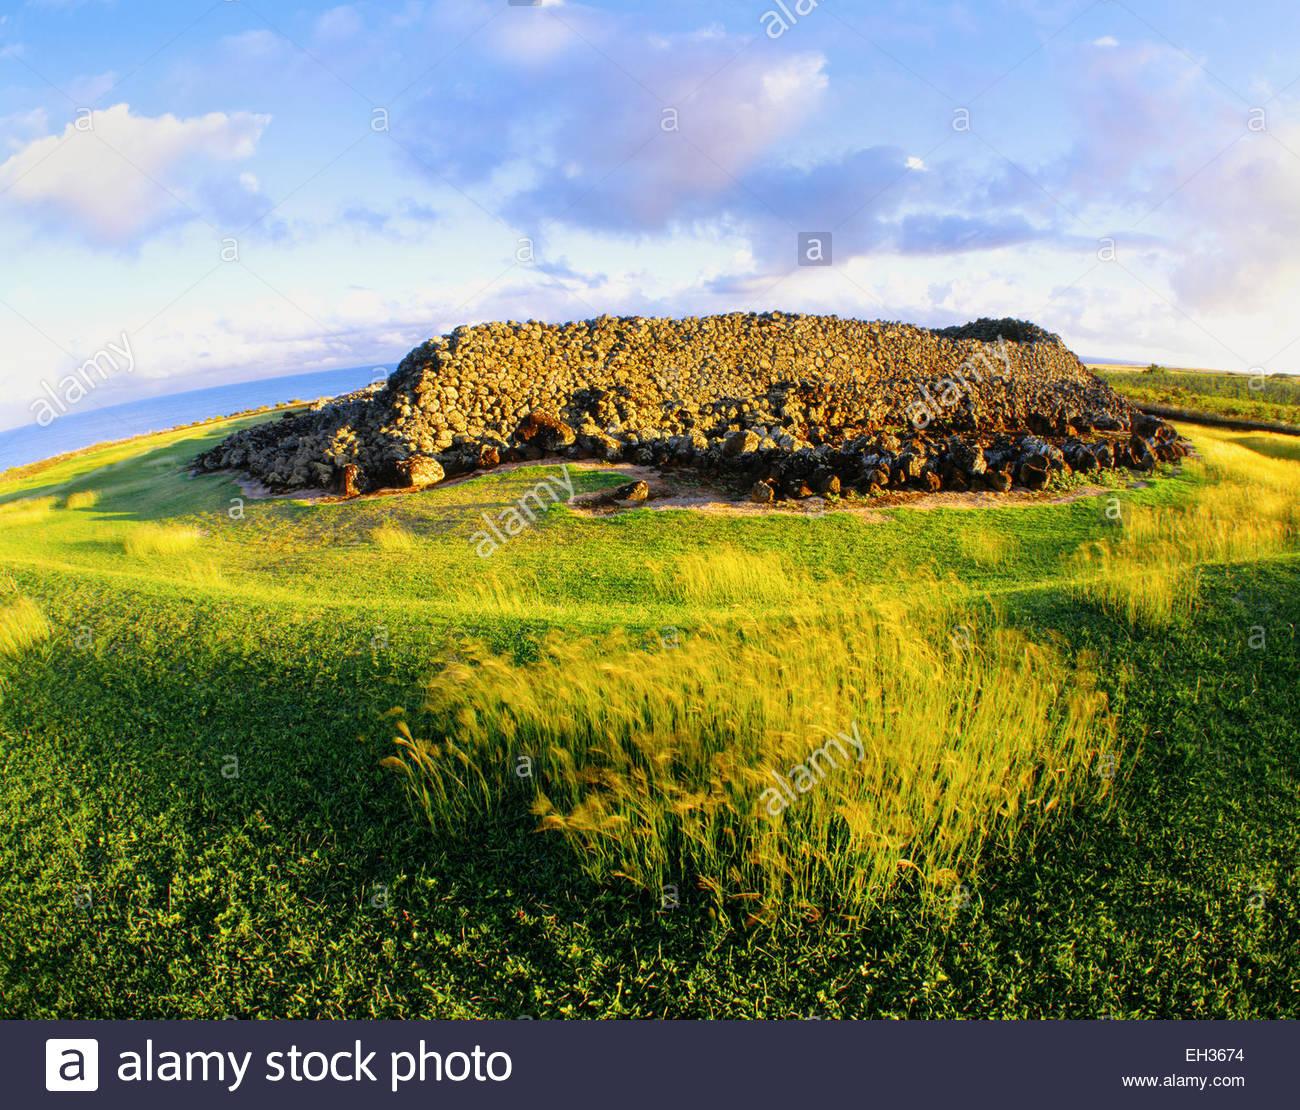 Mo'okini Heiau, un luakini heiau, o sacrificio umano tempio. La grande isola, Hawai. Immagini Stock